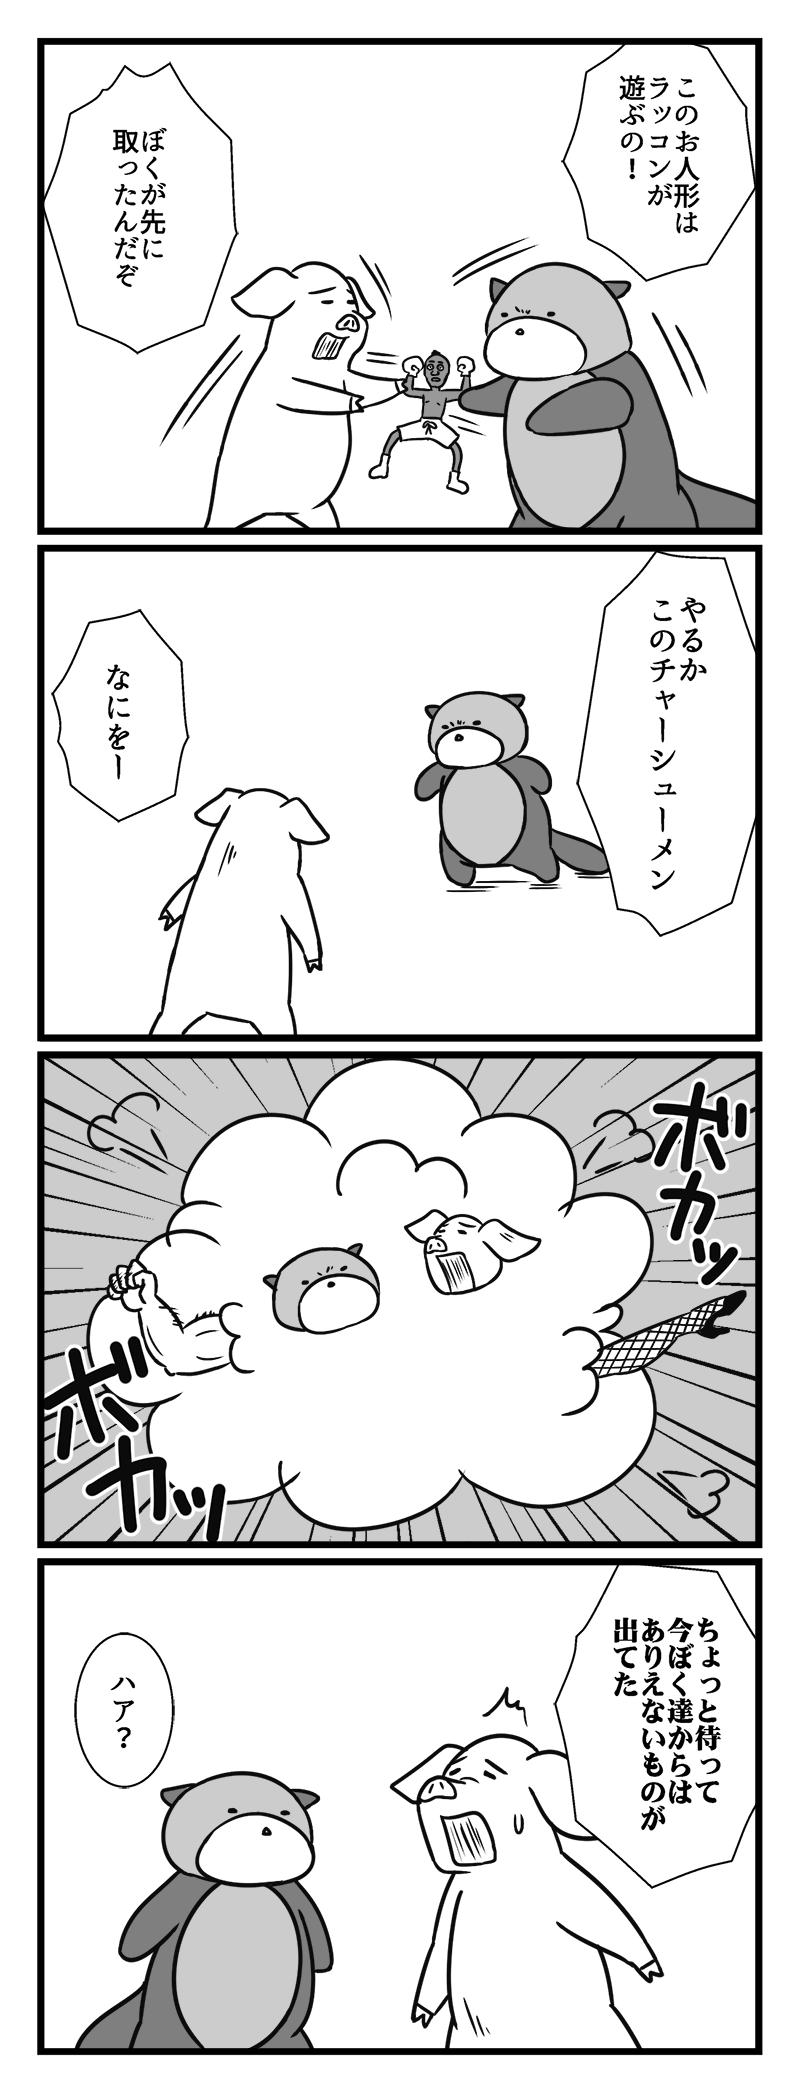 漫画2-3